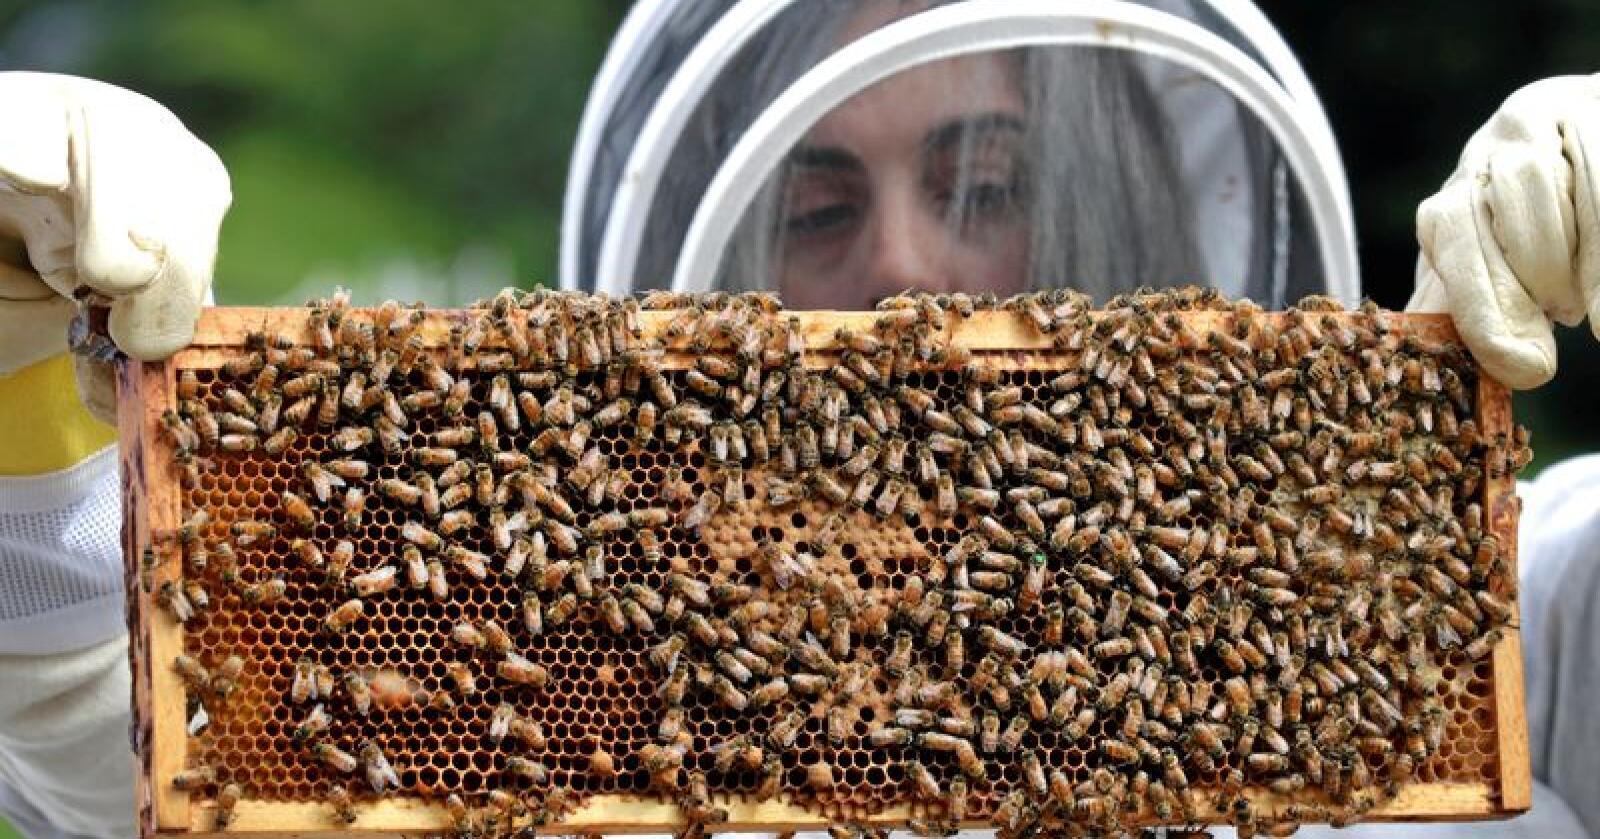 Honningproduksjonen faller i Europa, der birøktere i mange land har opplevd et svart år. Illustrasjonsfoto: AP / NTB scanpix